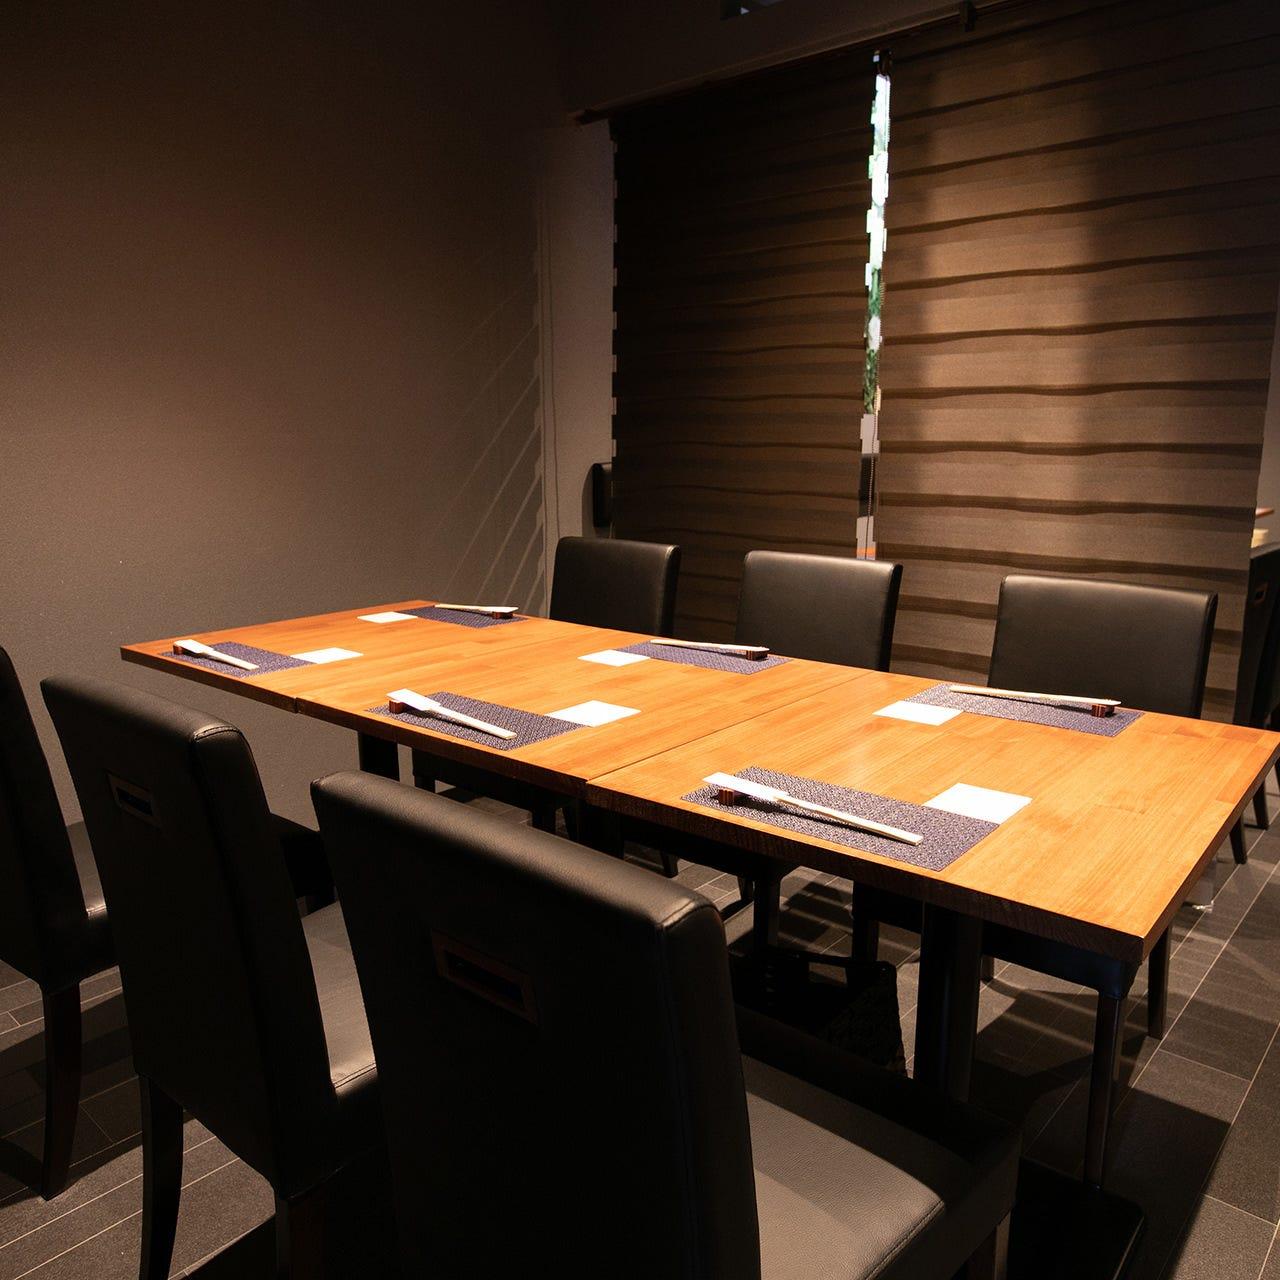 6名様程度で半個室風空間としてご利用いただけるお席も